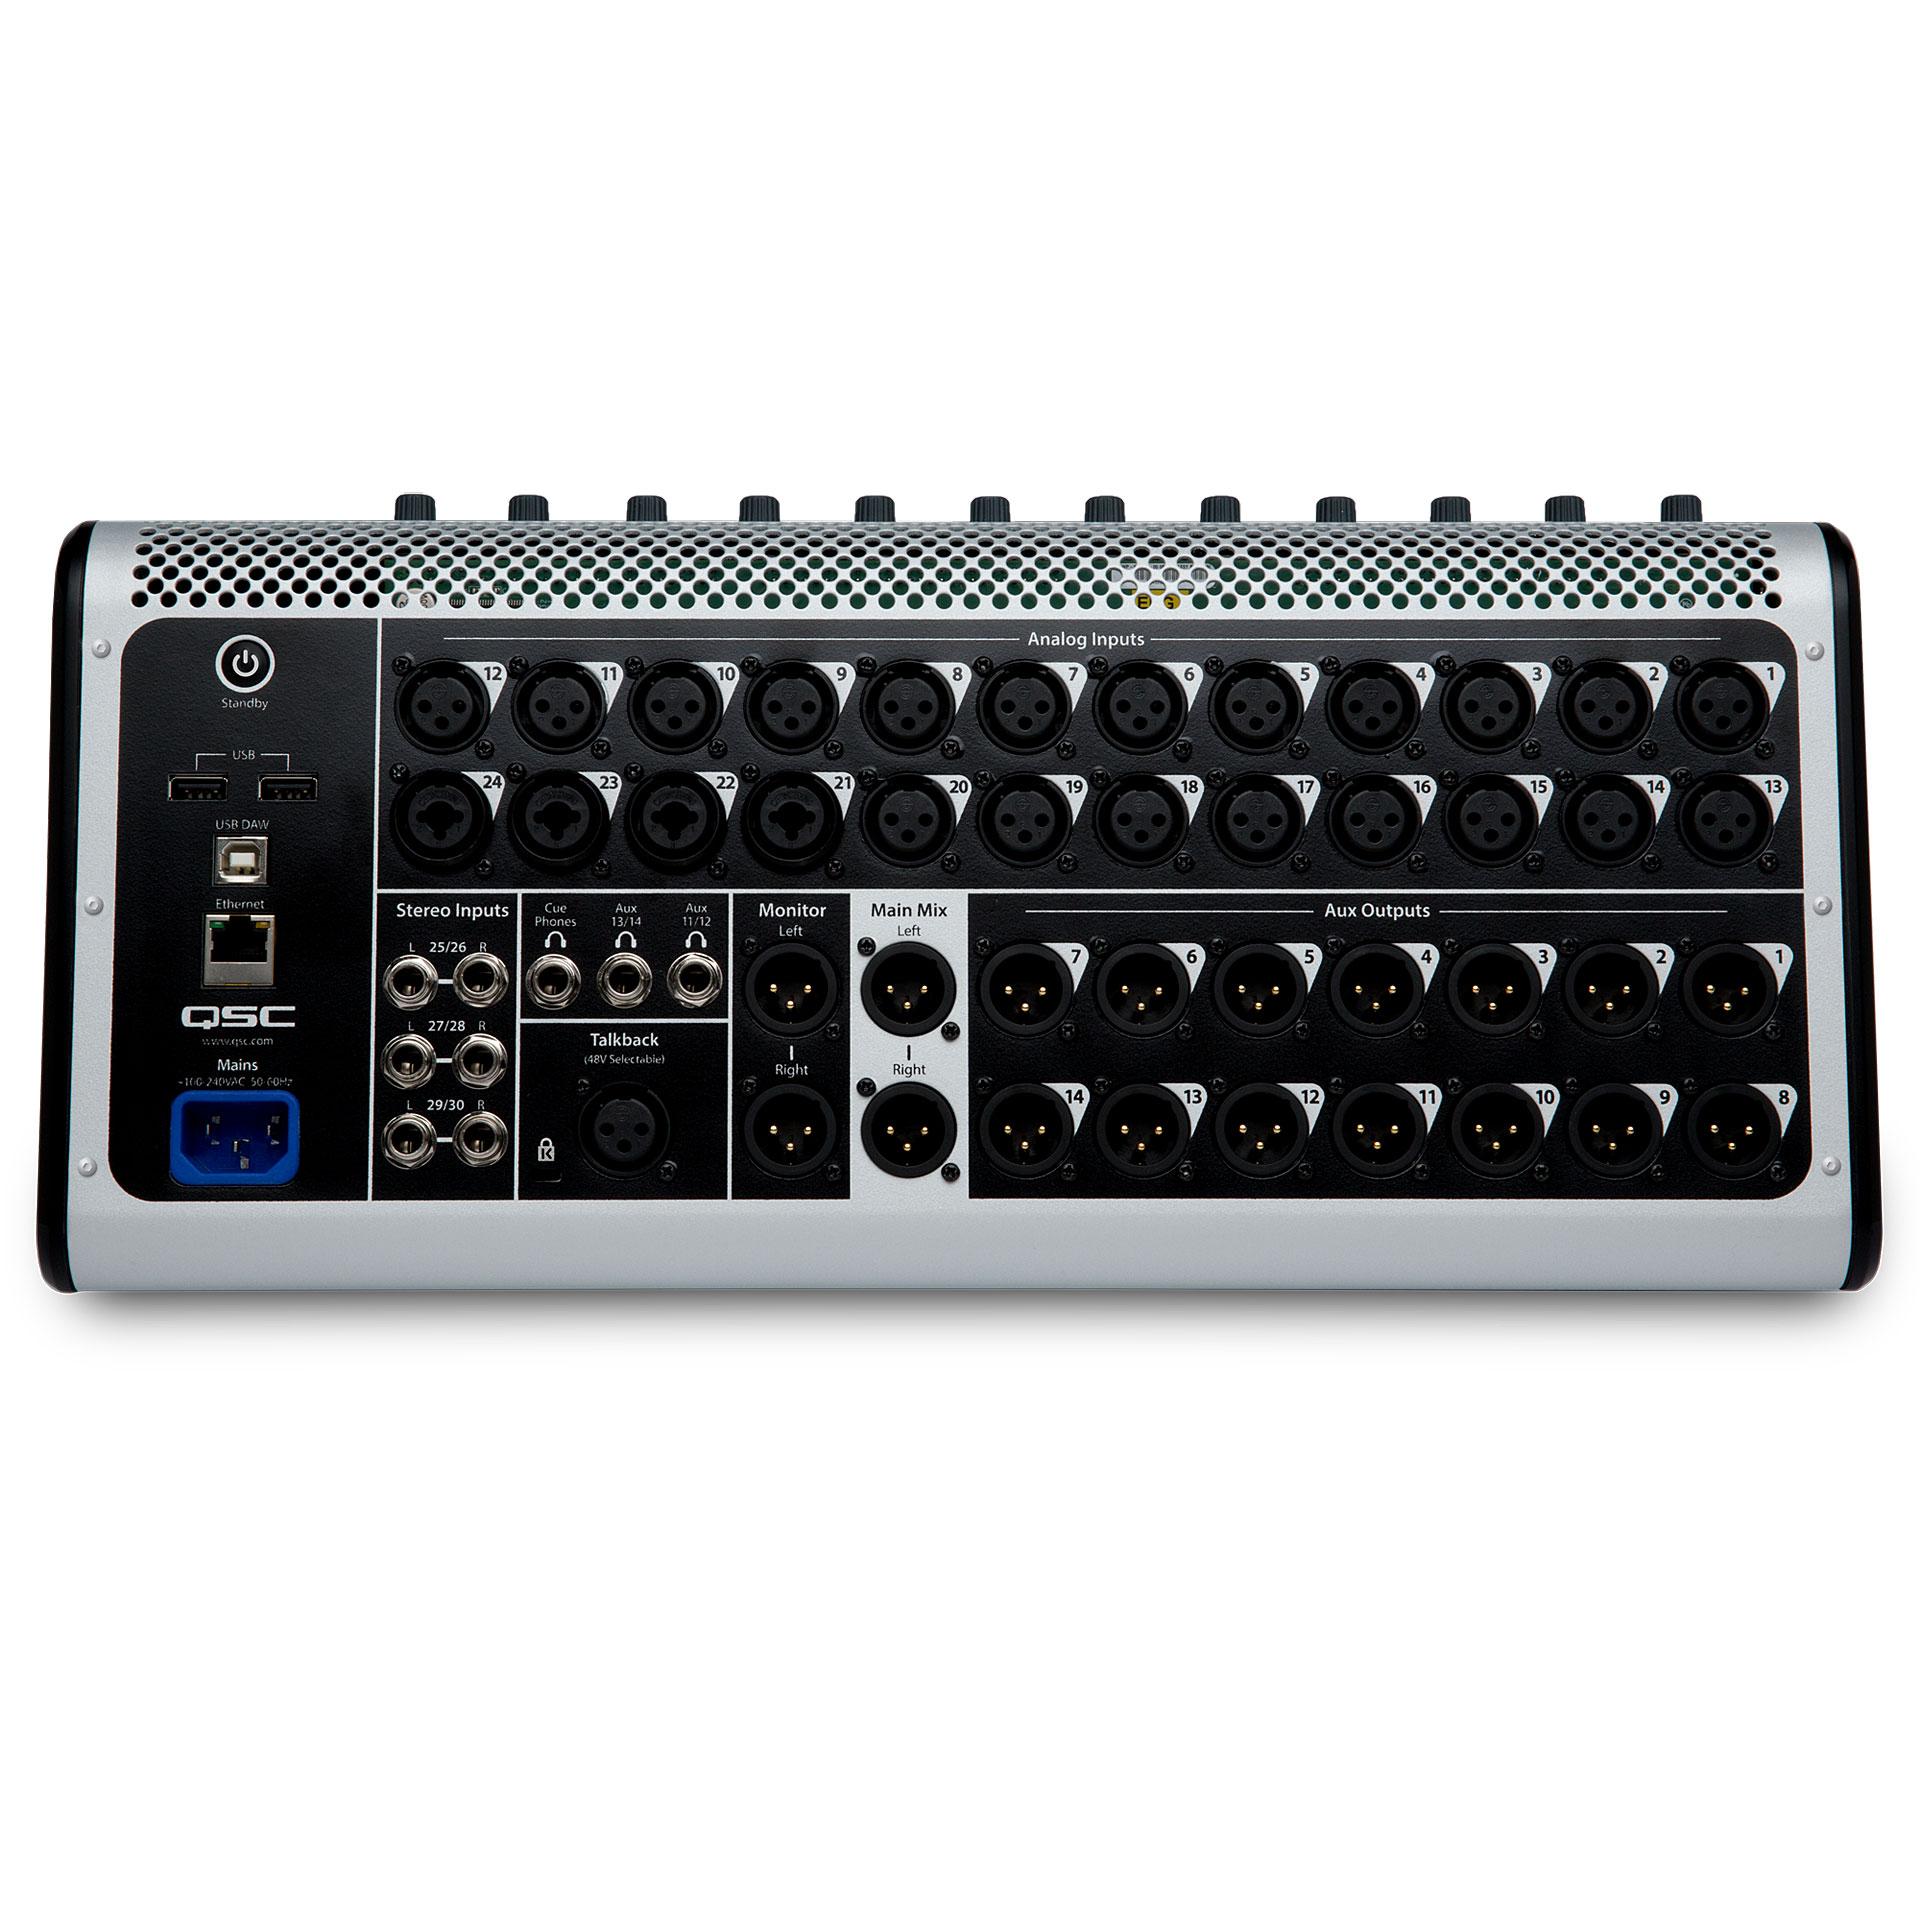 Qsc touchmix 30 pro console de mixage num rique - Console de mixage numerique ...